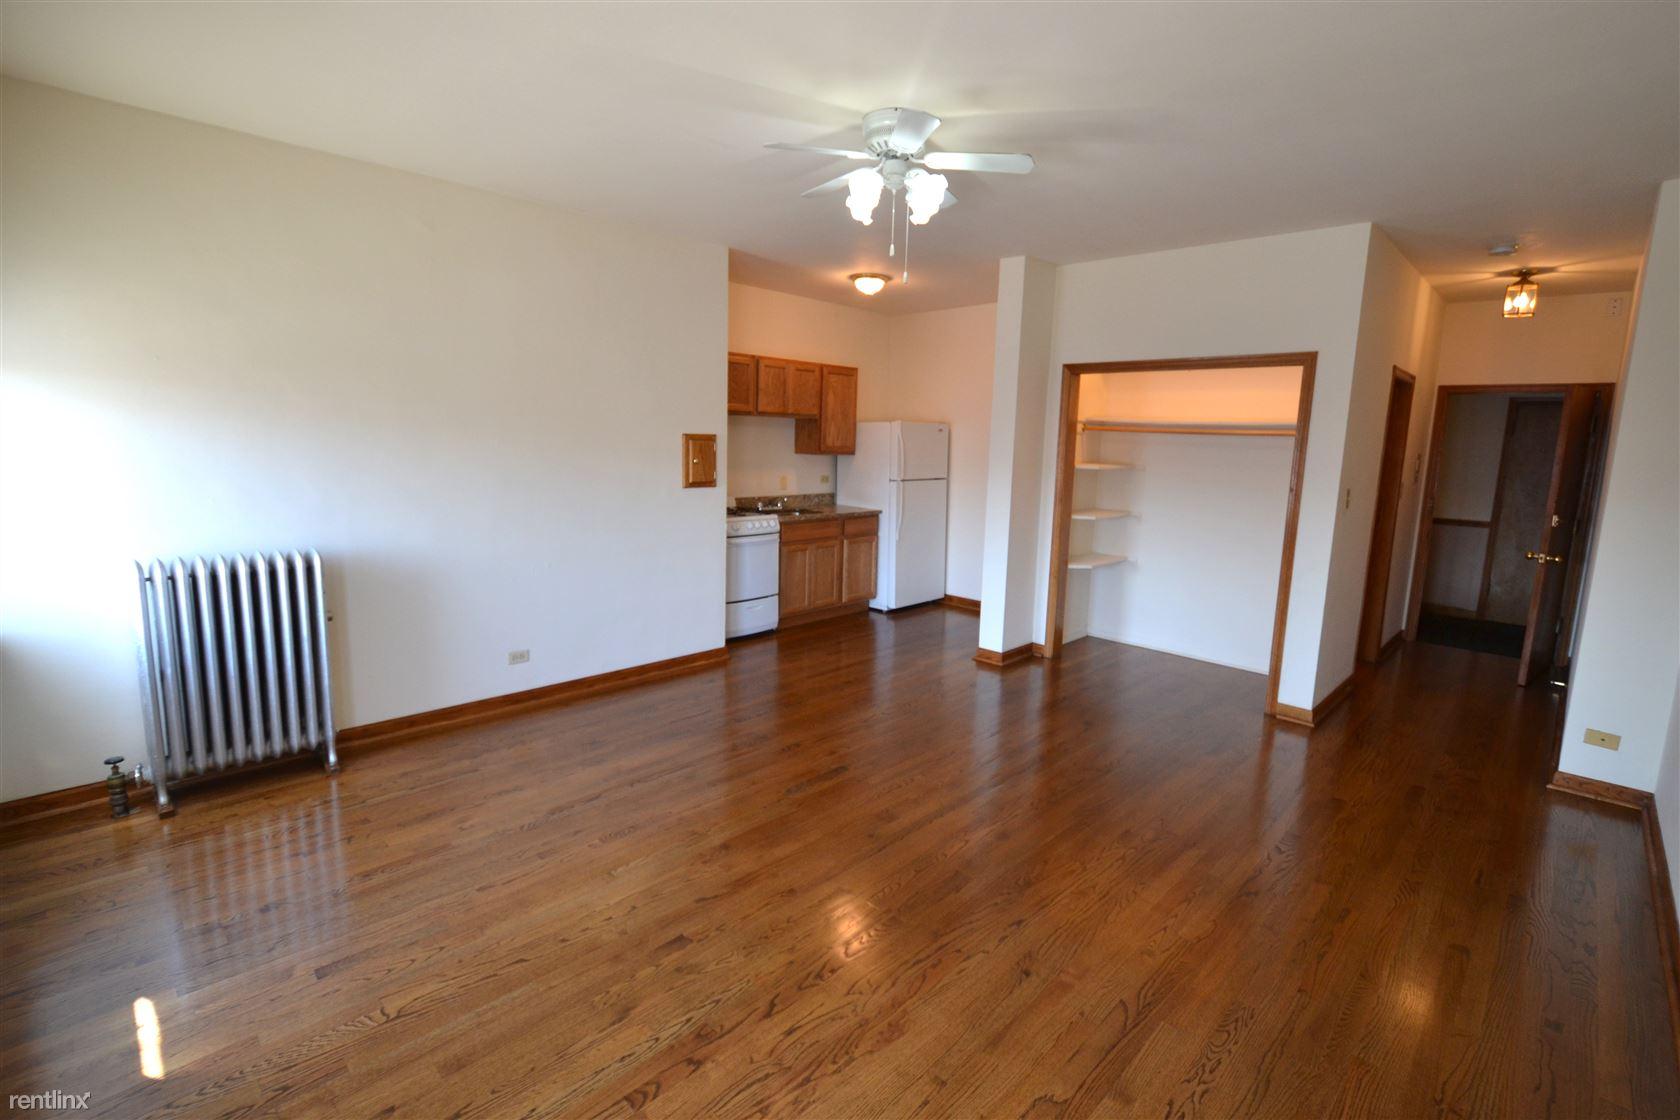 4804 N Kedzie Ave Apt 207, Chicago, IL - 725 USD/ month